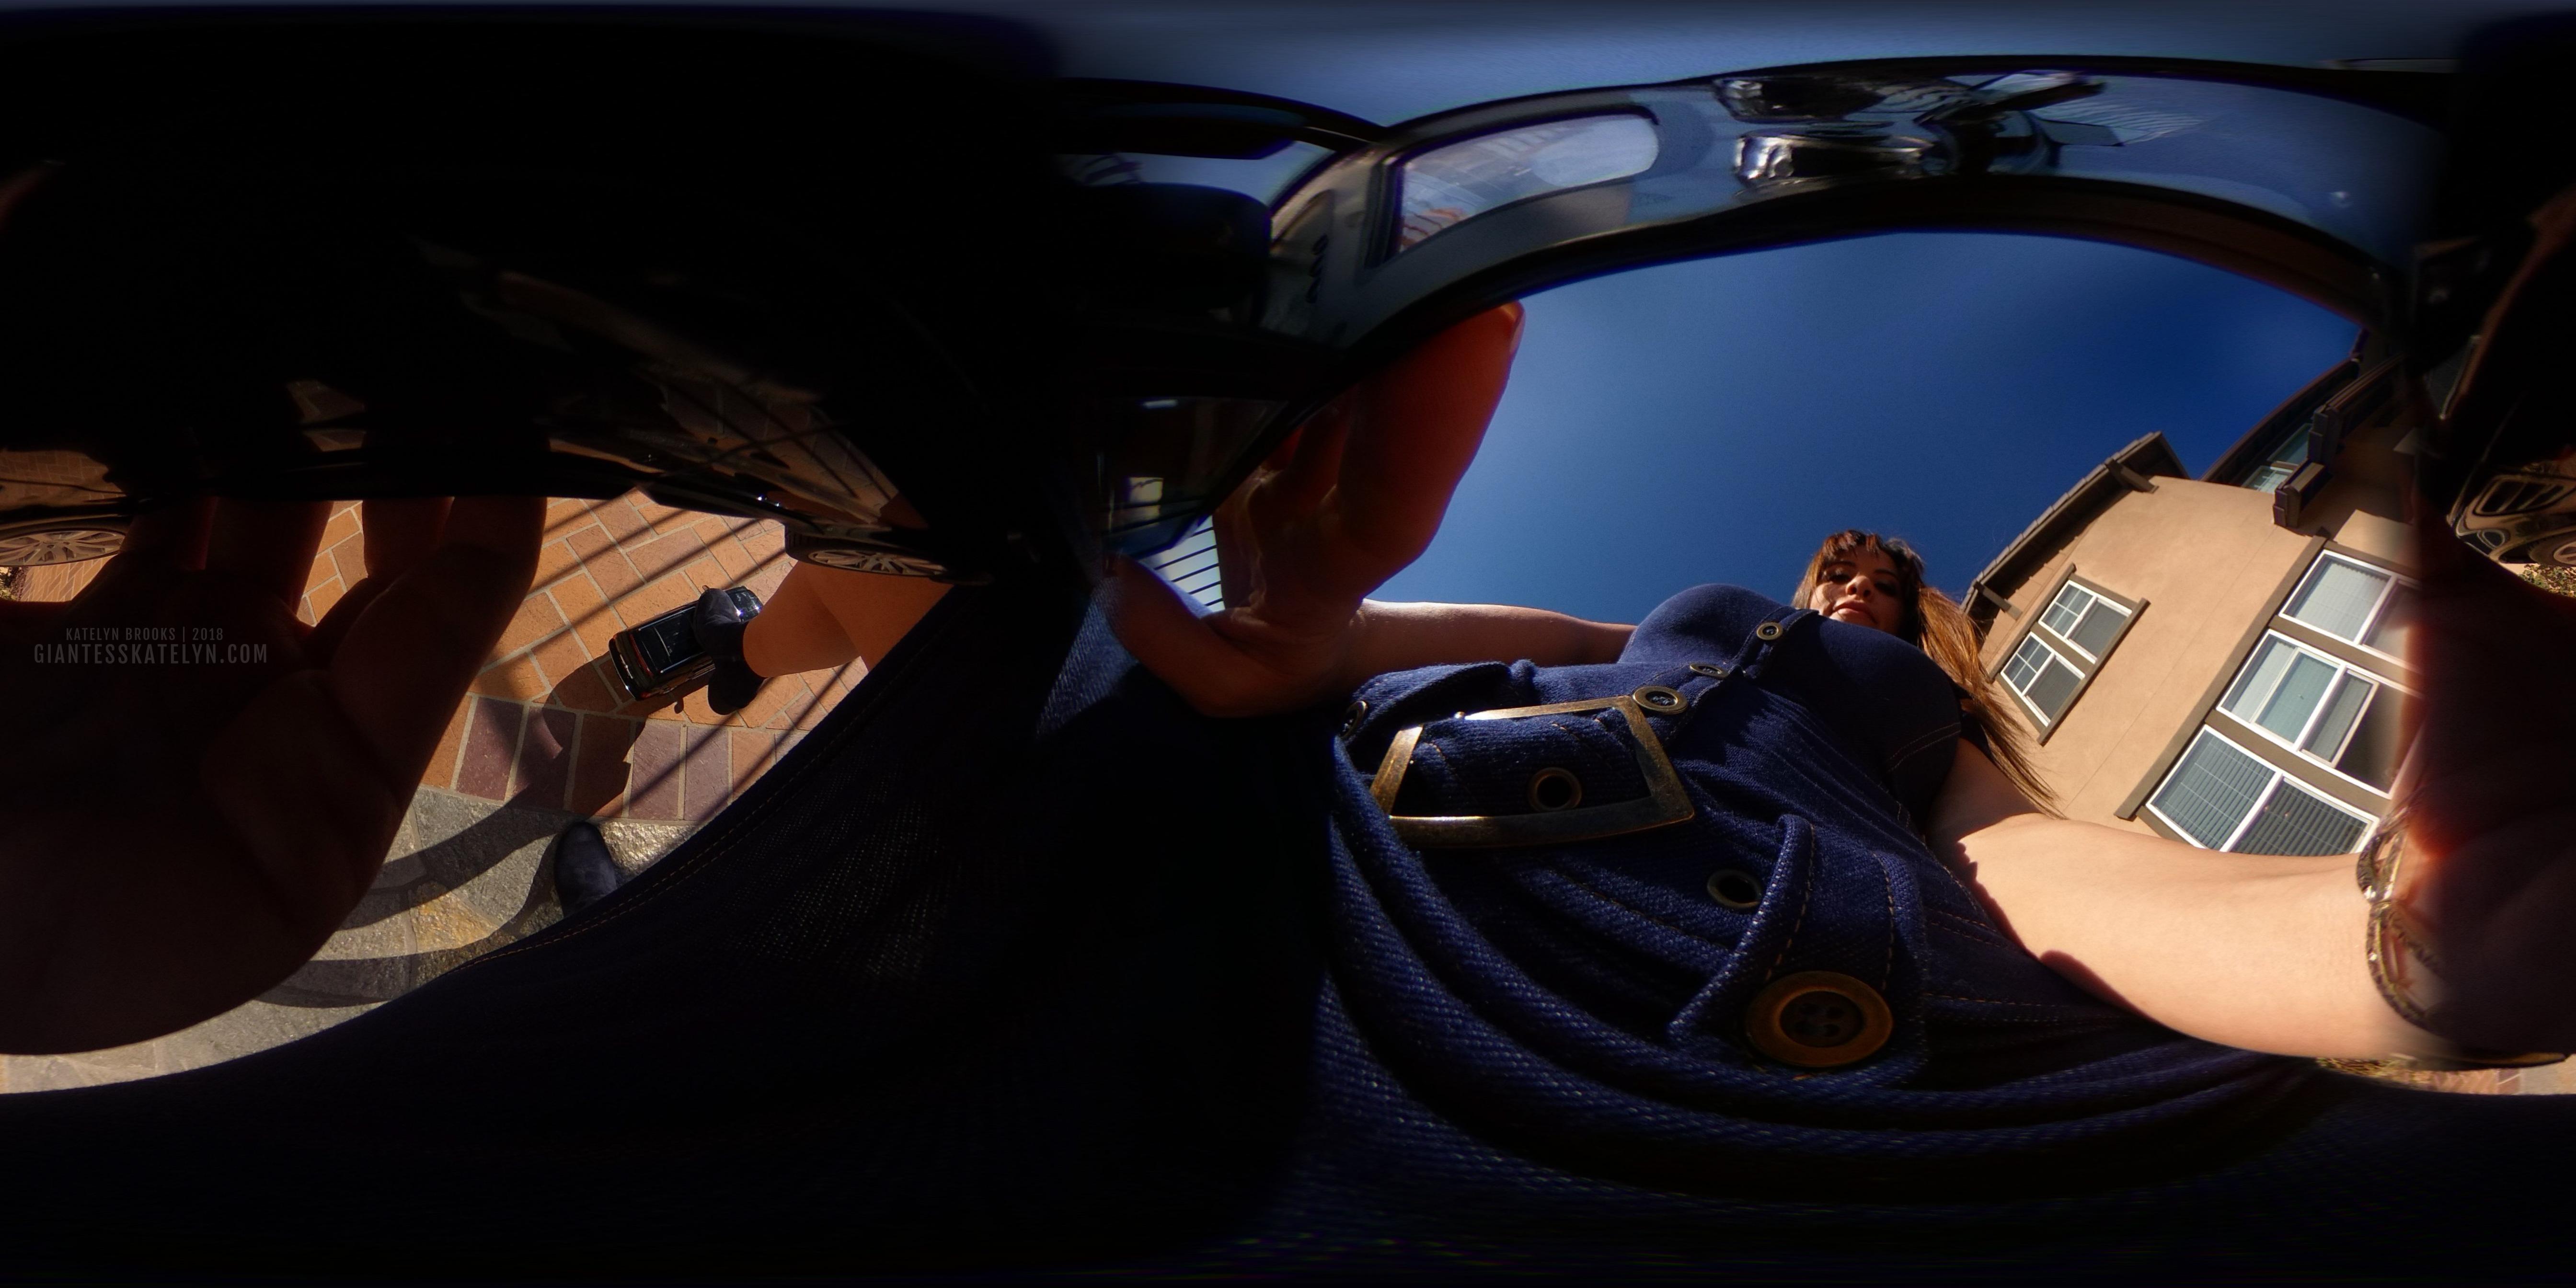 360-4k-vr-shrunken-man-pov-inside-car-17